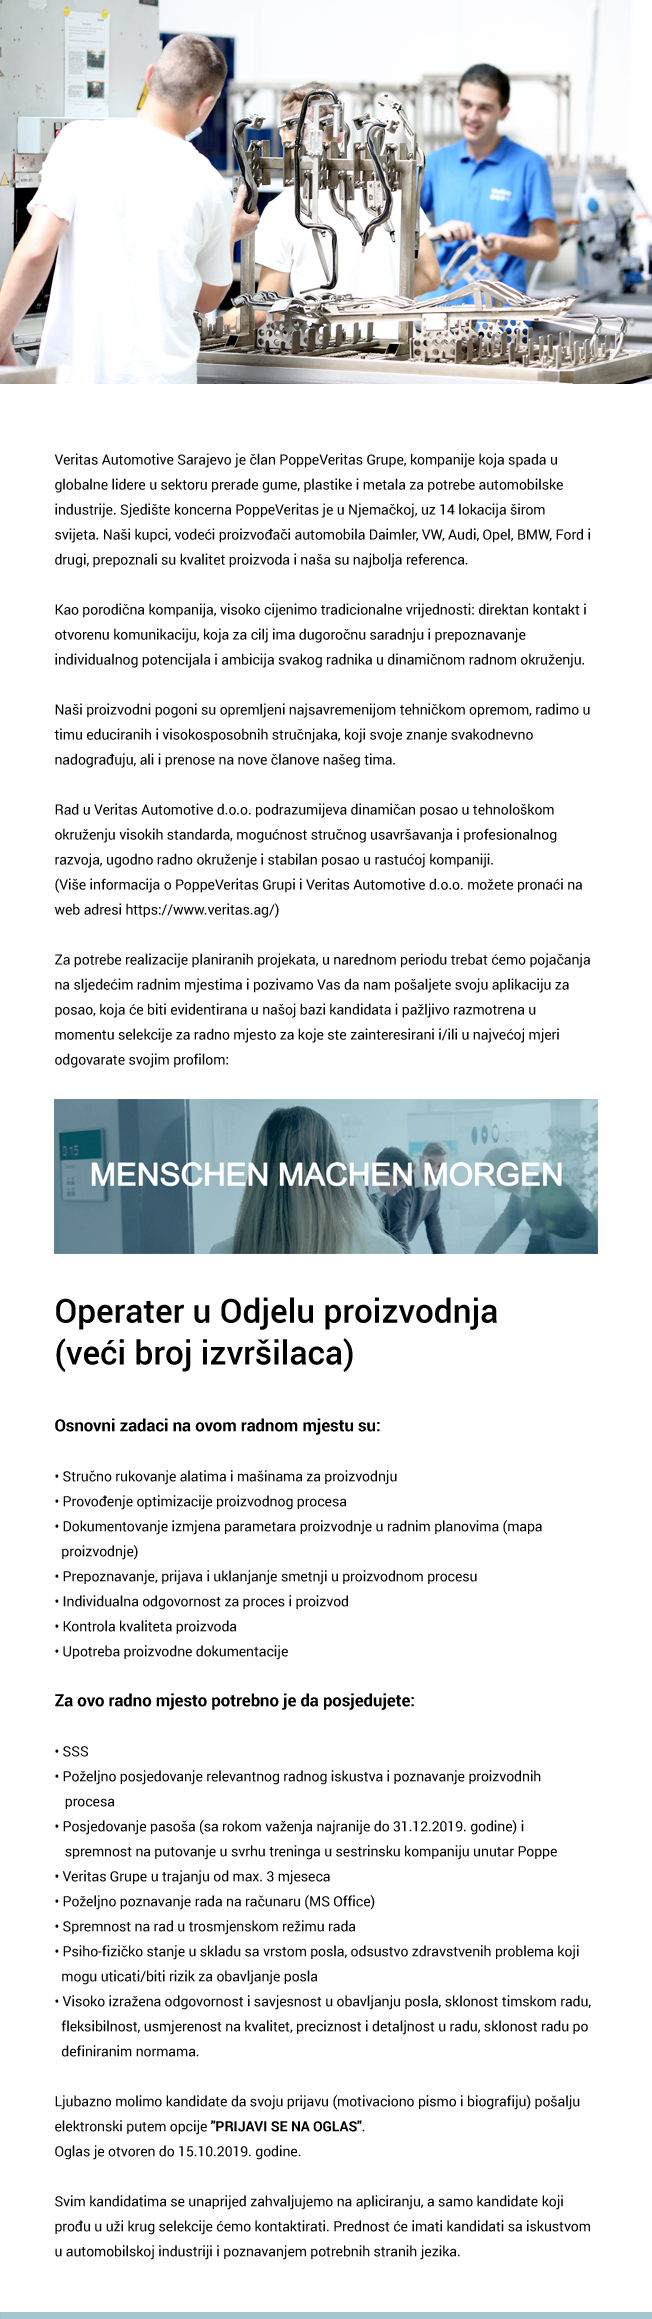 Sarajevo oglasi kontakti Oglasi licni